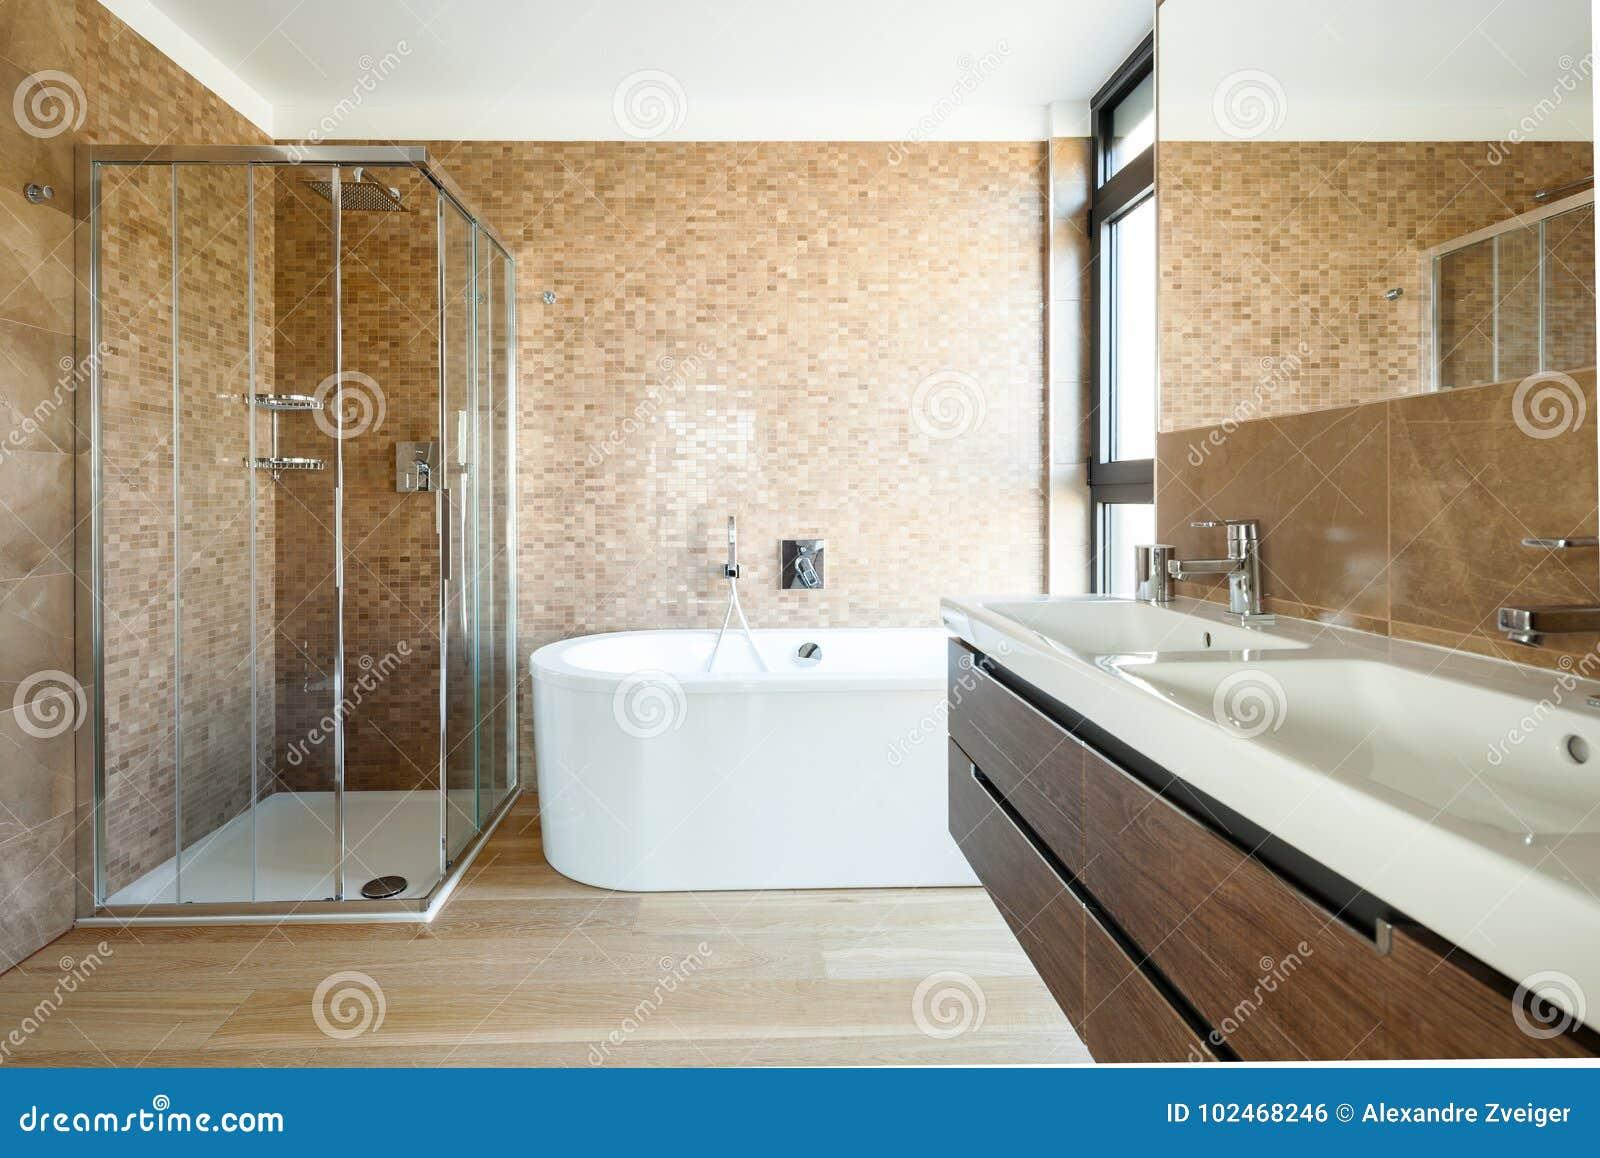 Luxusbadezimmer In Einem Modernen Haus Stockfoto - Bild von ...